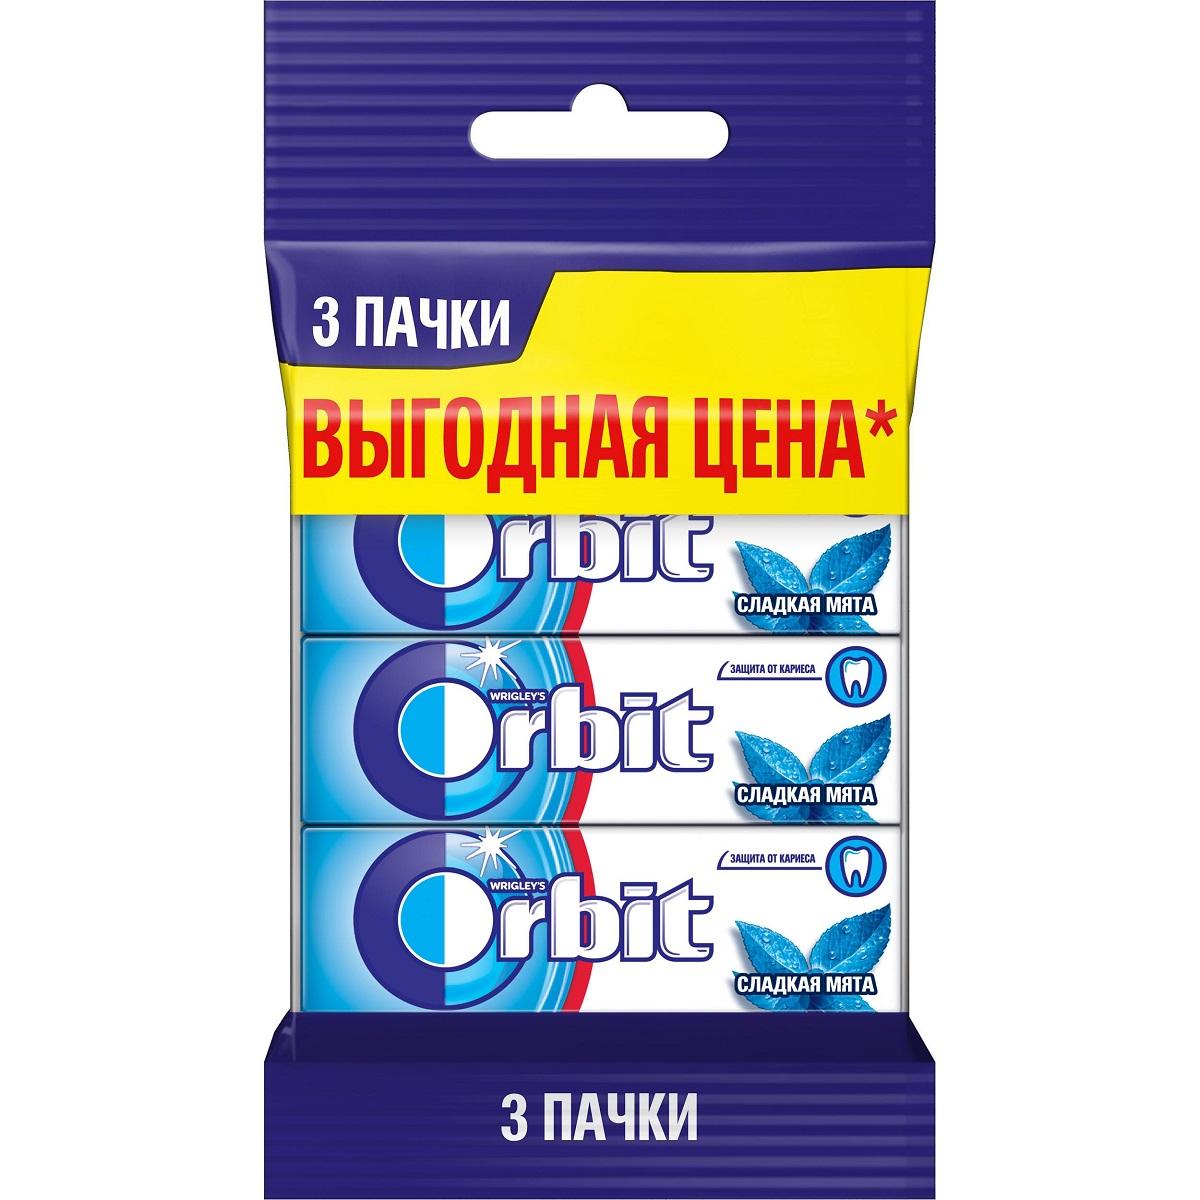 Orbit Сладкая мята жевательная резинка без сахара, 3 пачки по 13,6 г3 пачкиЖевательная резинка Orbit Сладкая Мята без сахара способствует поддержанию здоровья зубов: удаляет остатки пищи, способствует уменьшению зубного налета, нейтрализует вредные кислоты, усиливает процесс реминерализации эмали. *Употребление жевательной резинки каждый раз после еды способствует поддержанию чистоты и здоровья зубов в дополнение к уходу за ротовой полостью с помощью зубной щетки.